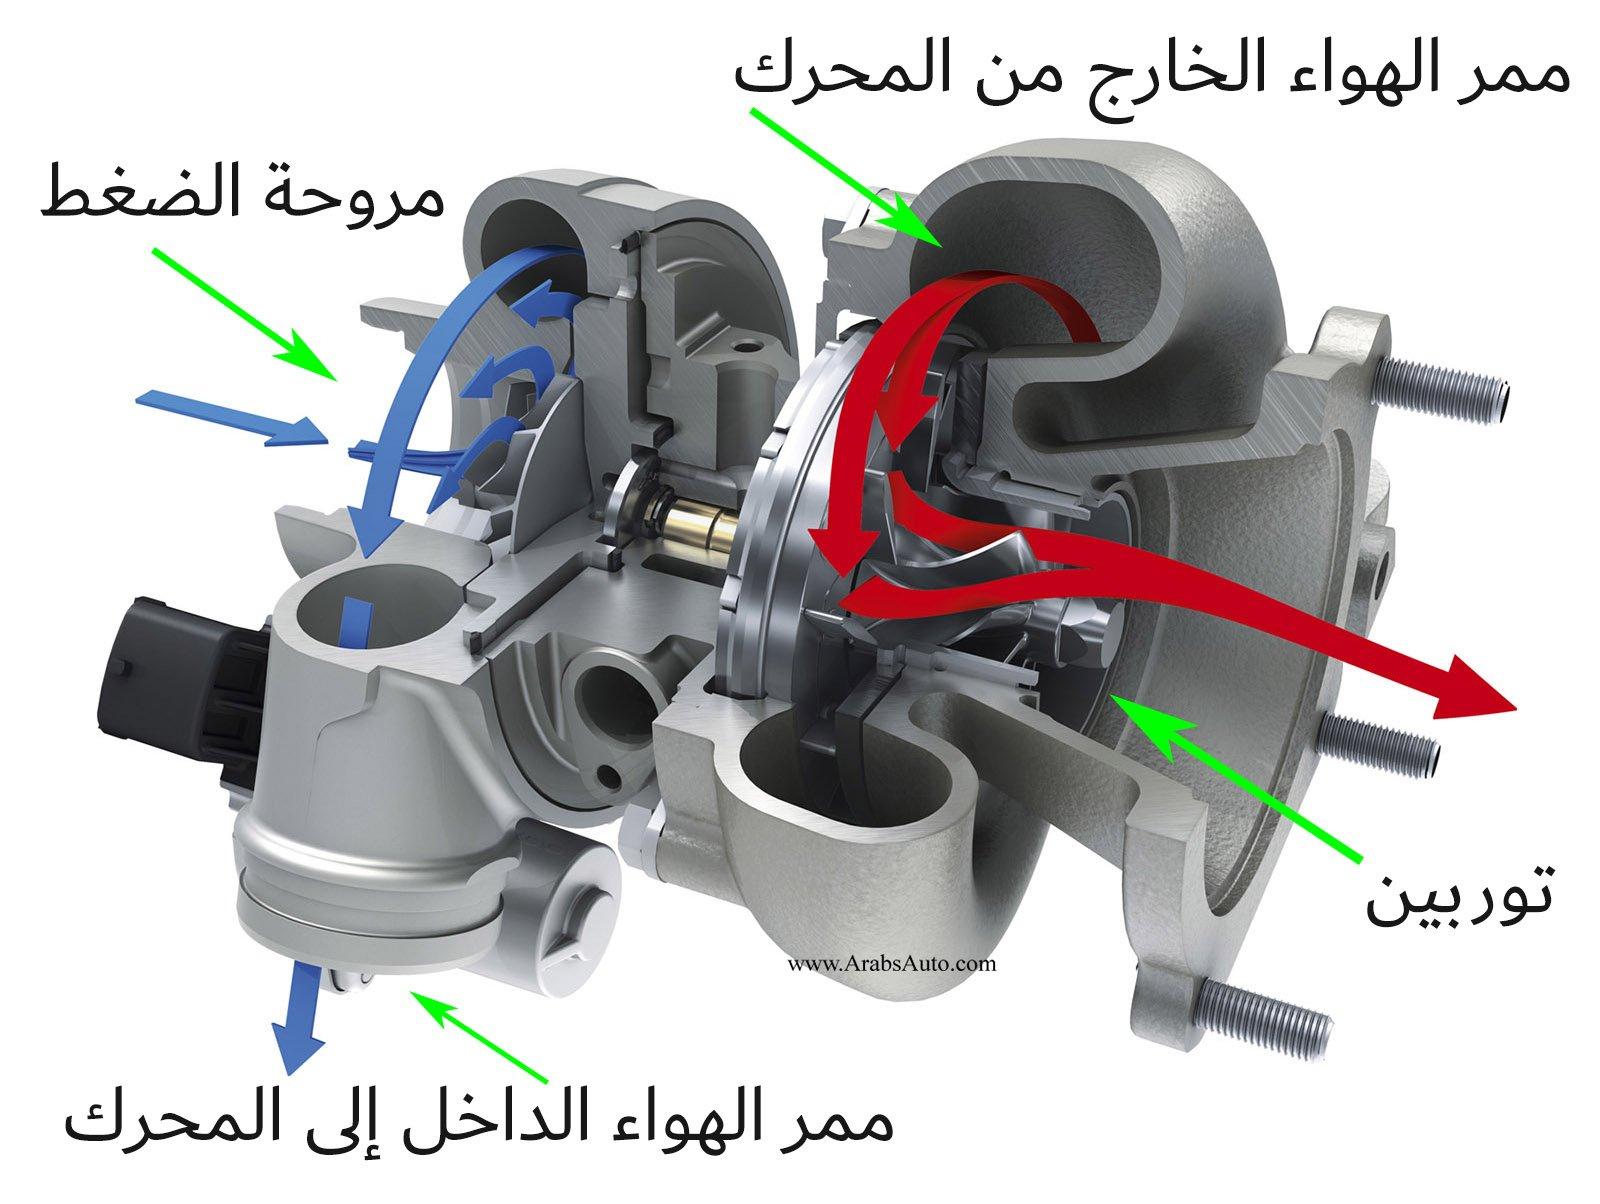 القاموس المبسط للمصطلحات المتعلقة بالسيارات Arabs Auto